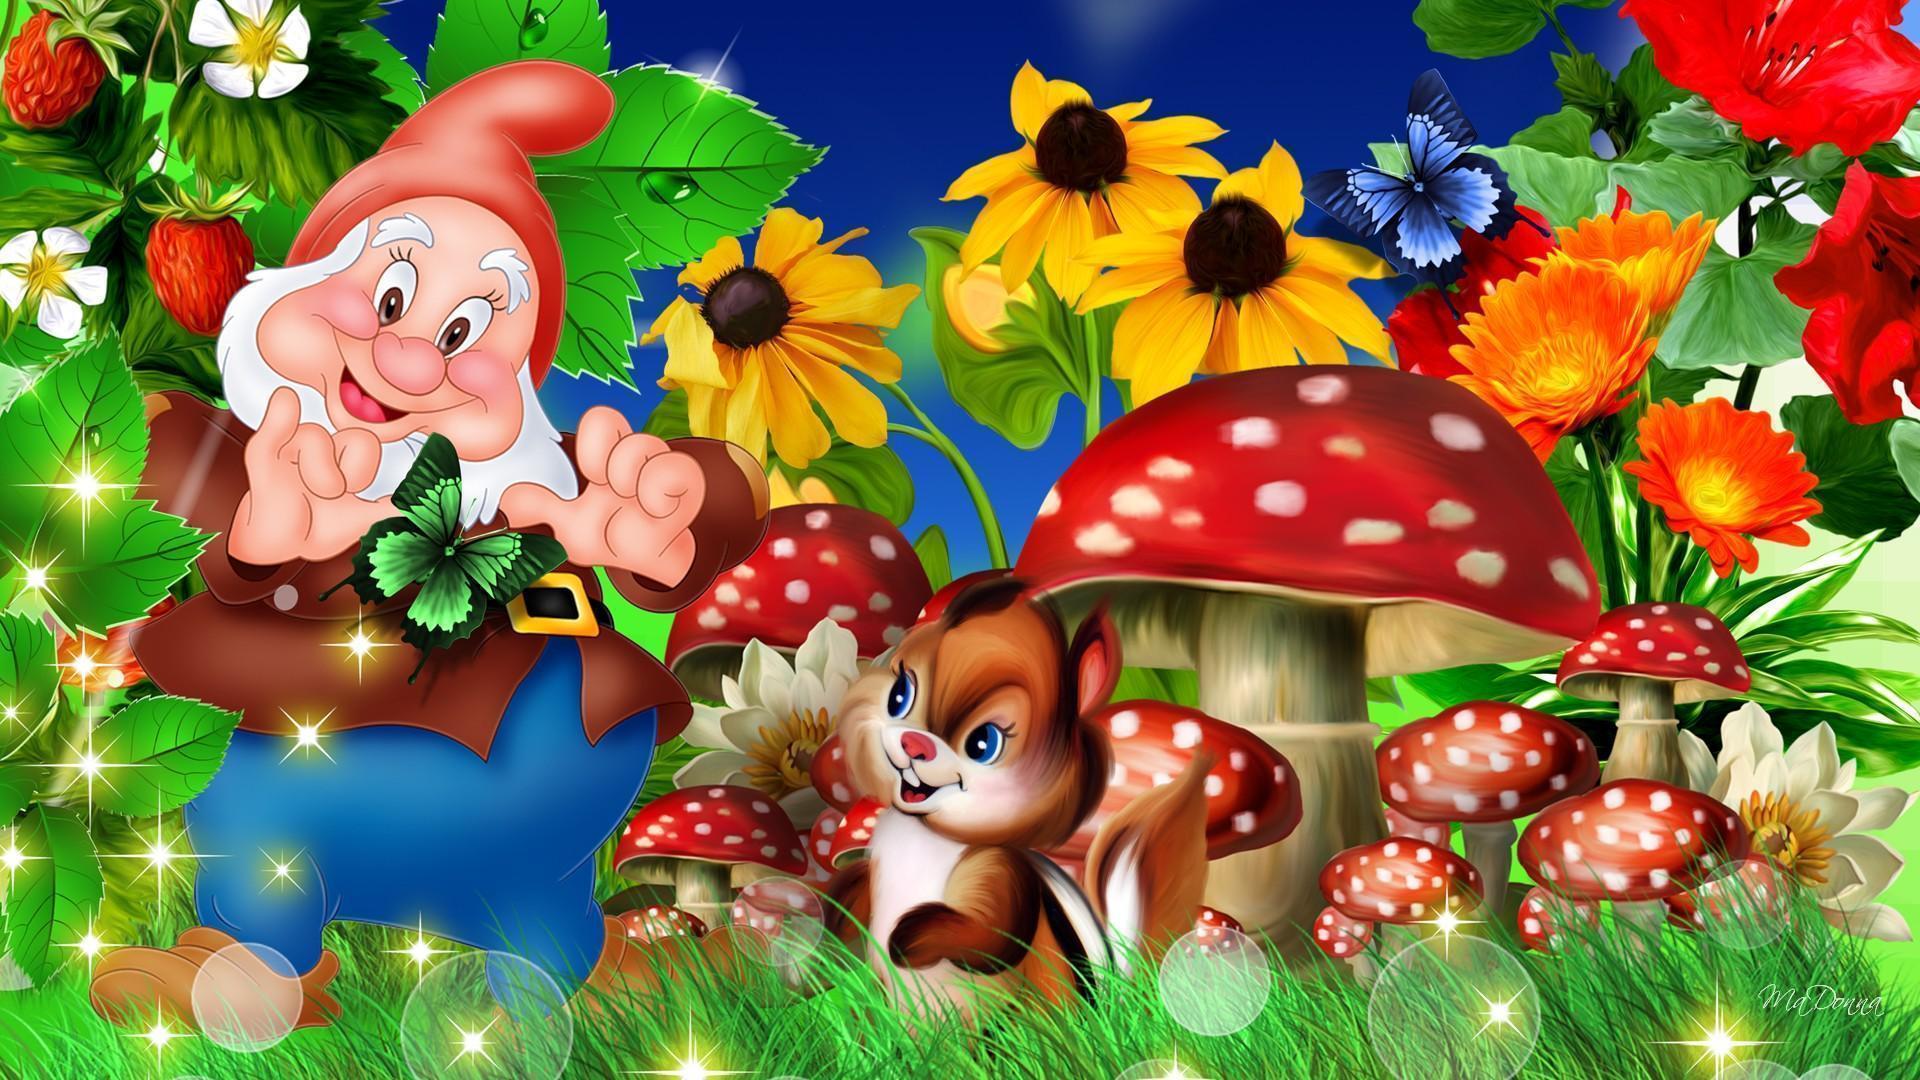 Gnome In Garden: Garden Gnome Wallpapers